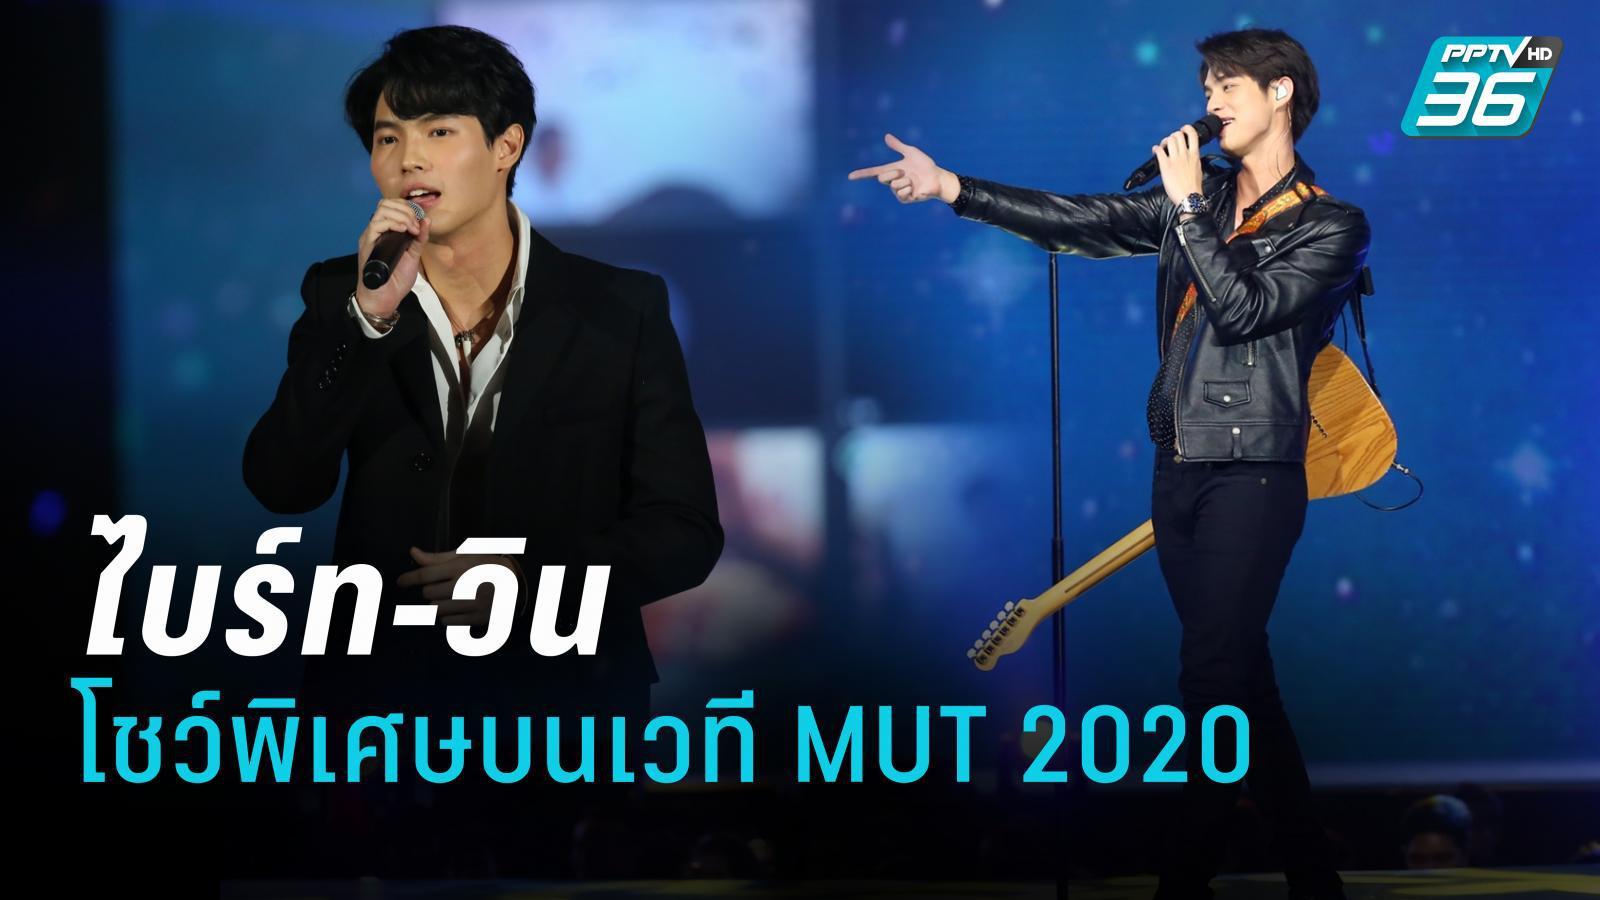 โชว์พิเศษ ไบร์ท-วิน | Miss Universe Thailand 2020 | รอบ 10 คนสุดท้าย